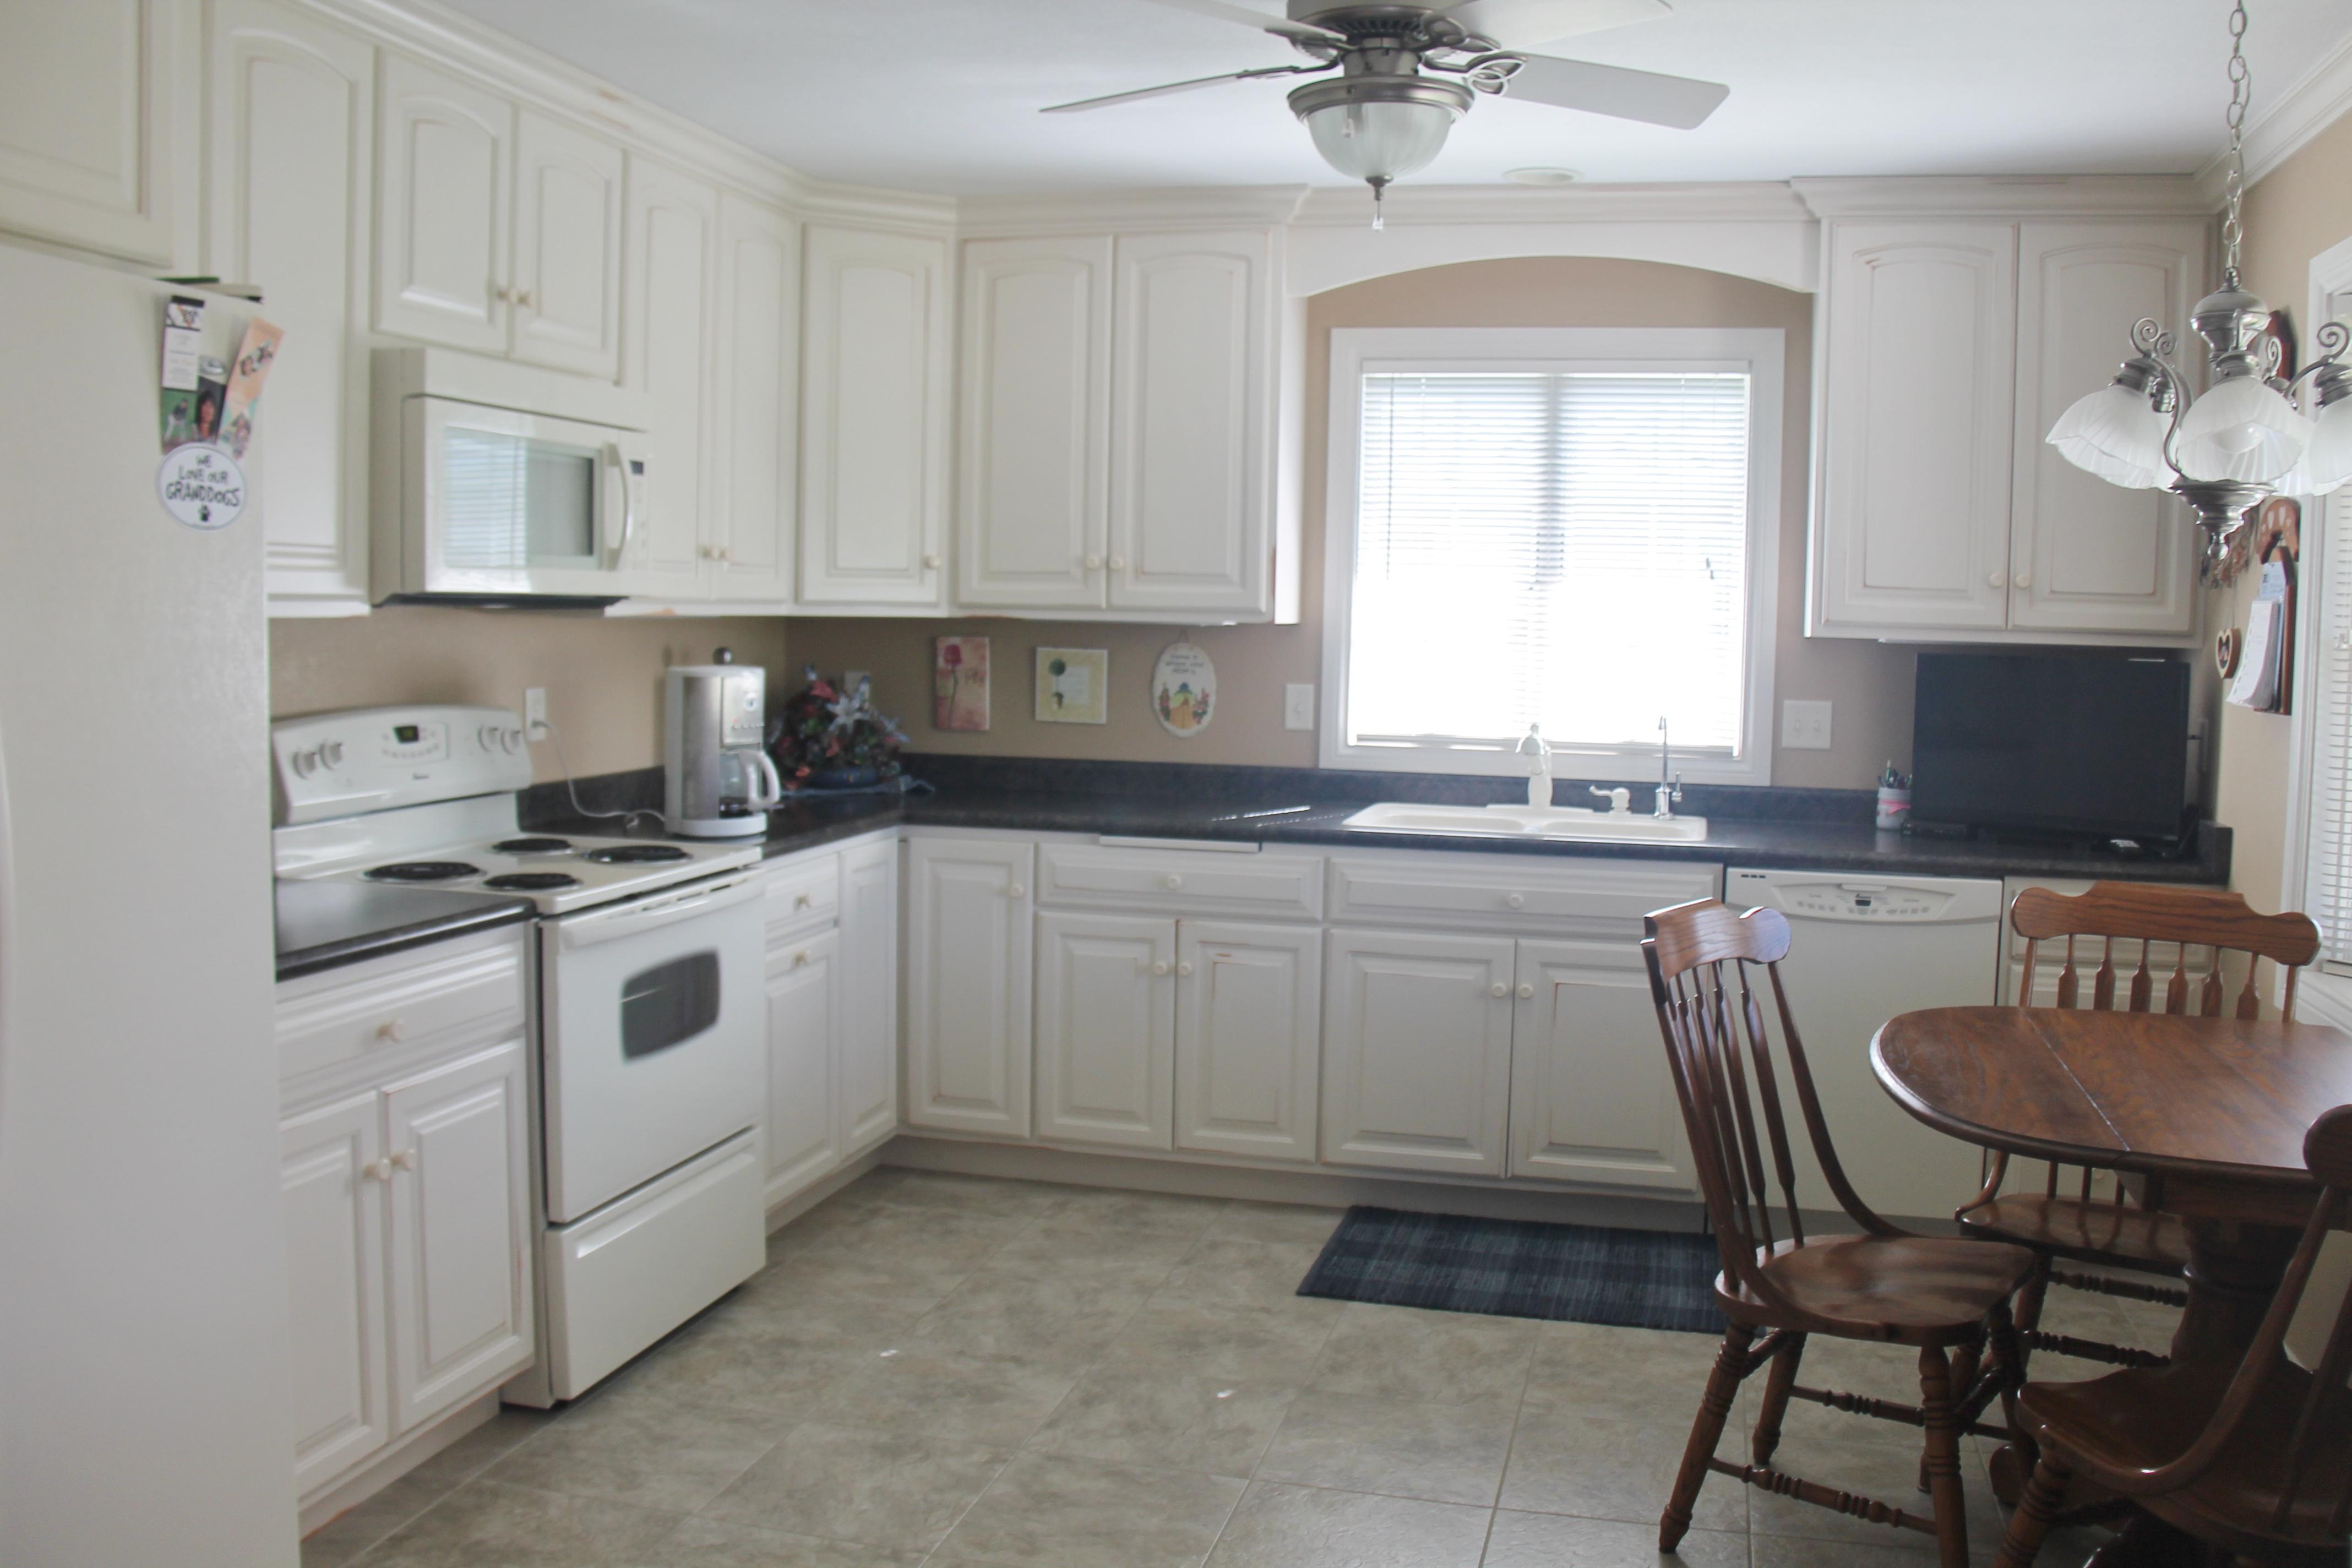 Independent Living Duplex Kitchen